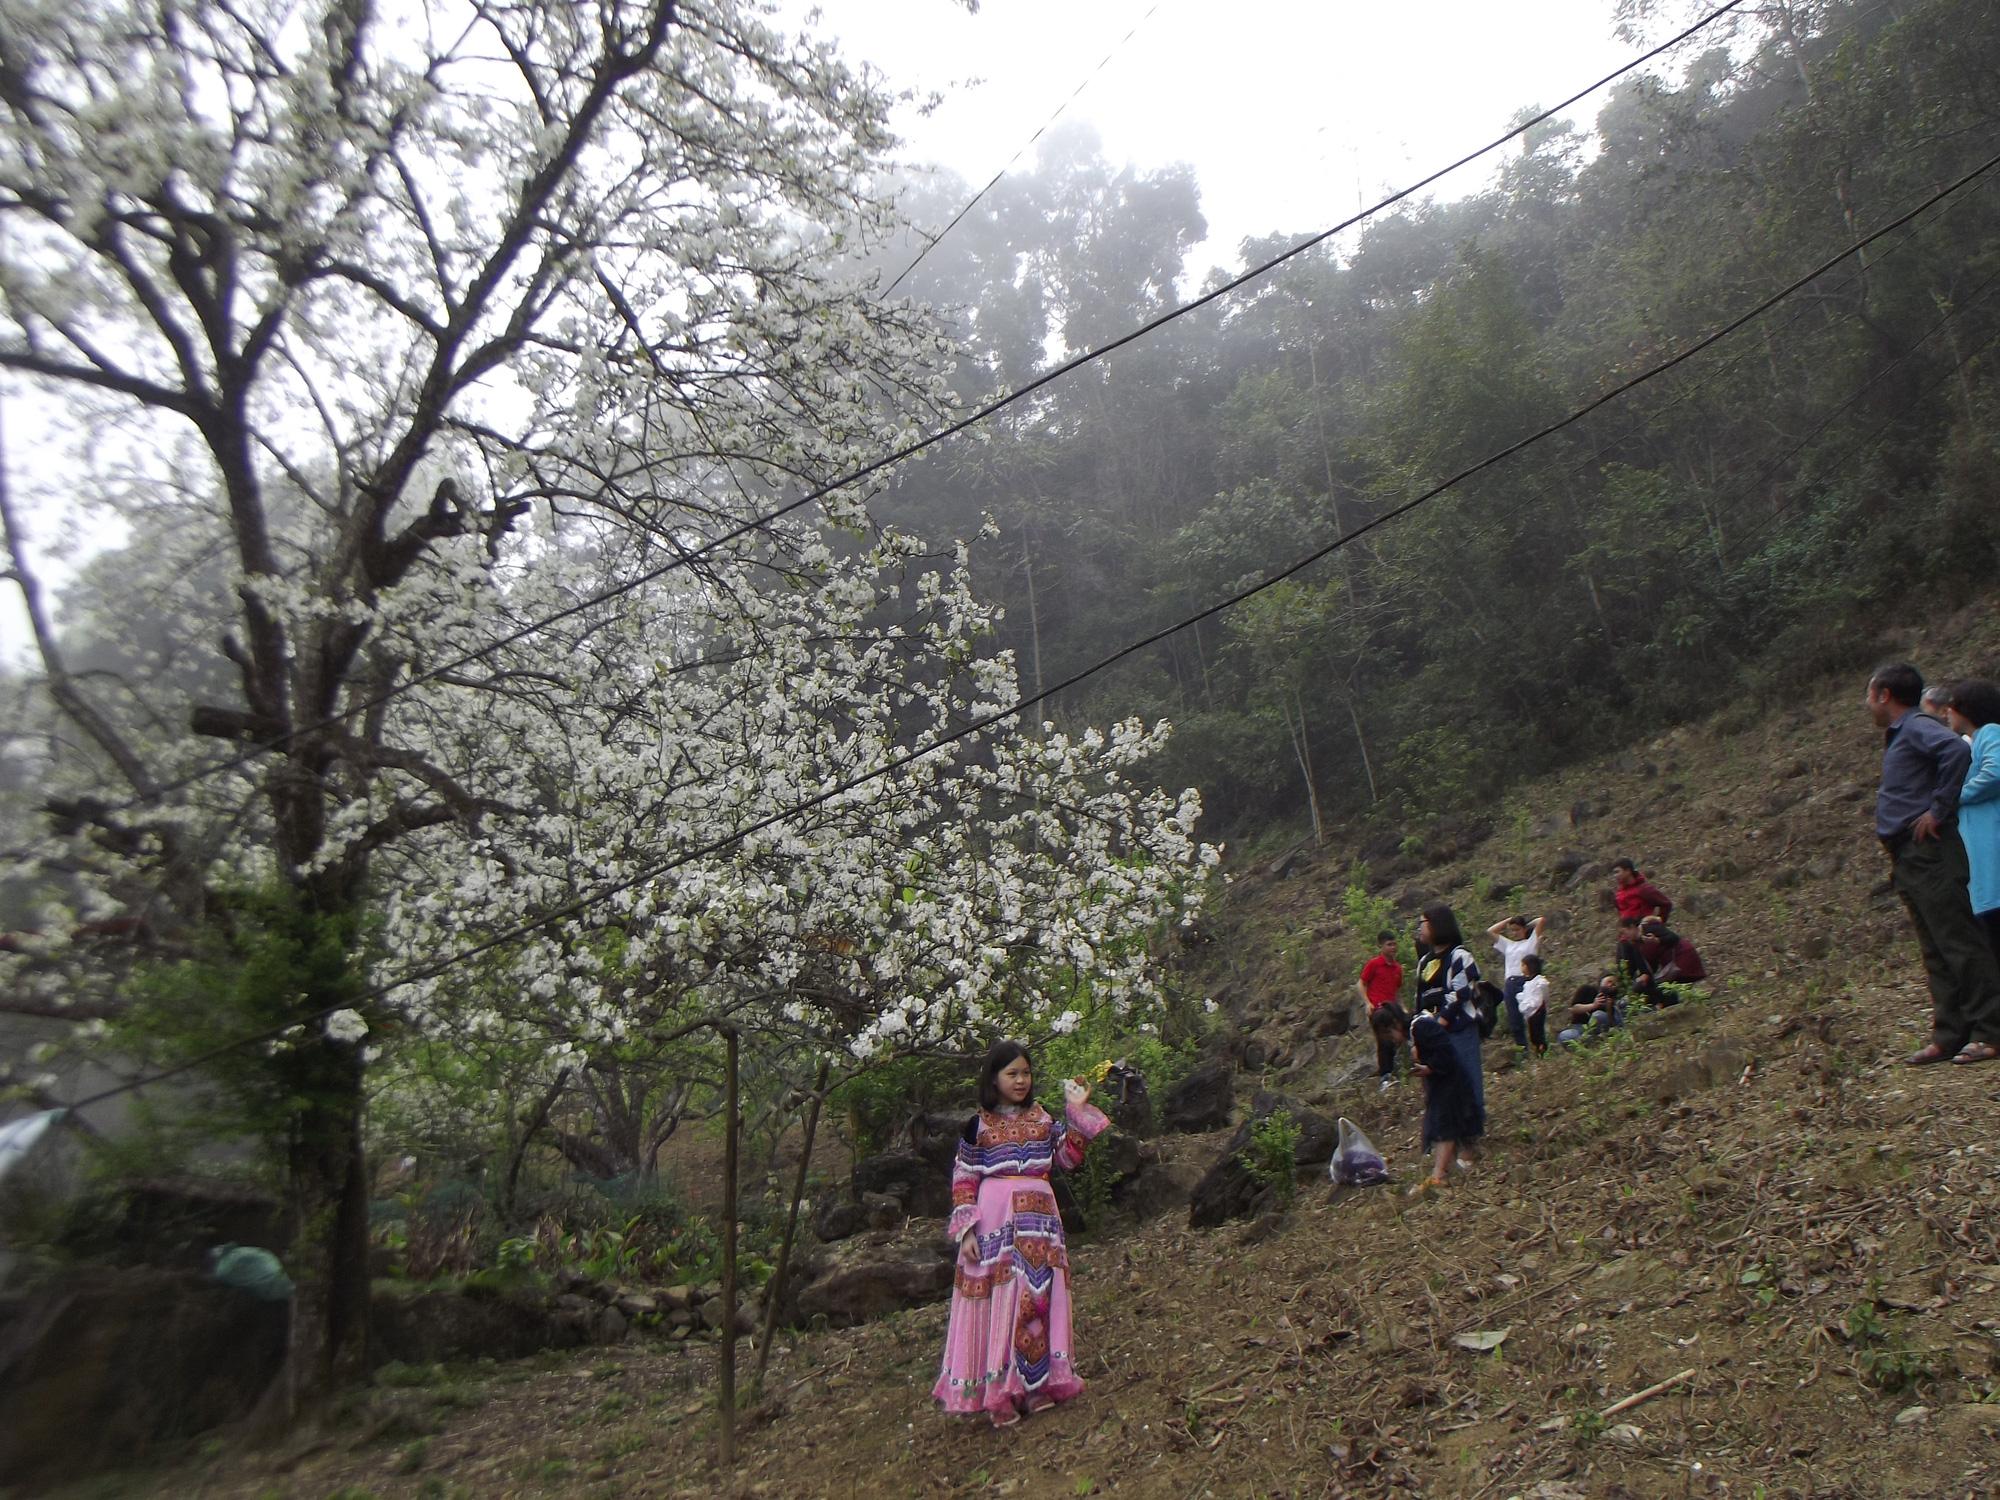 Lào Cai: Du khách đổ xô đến ngắm 3 cây lê cổ thụ, mọc trắng xóa sau nhà trình tường ở Bắc Hà - Ảnh 6.